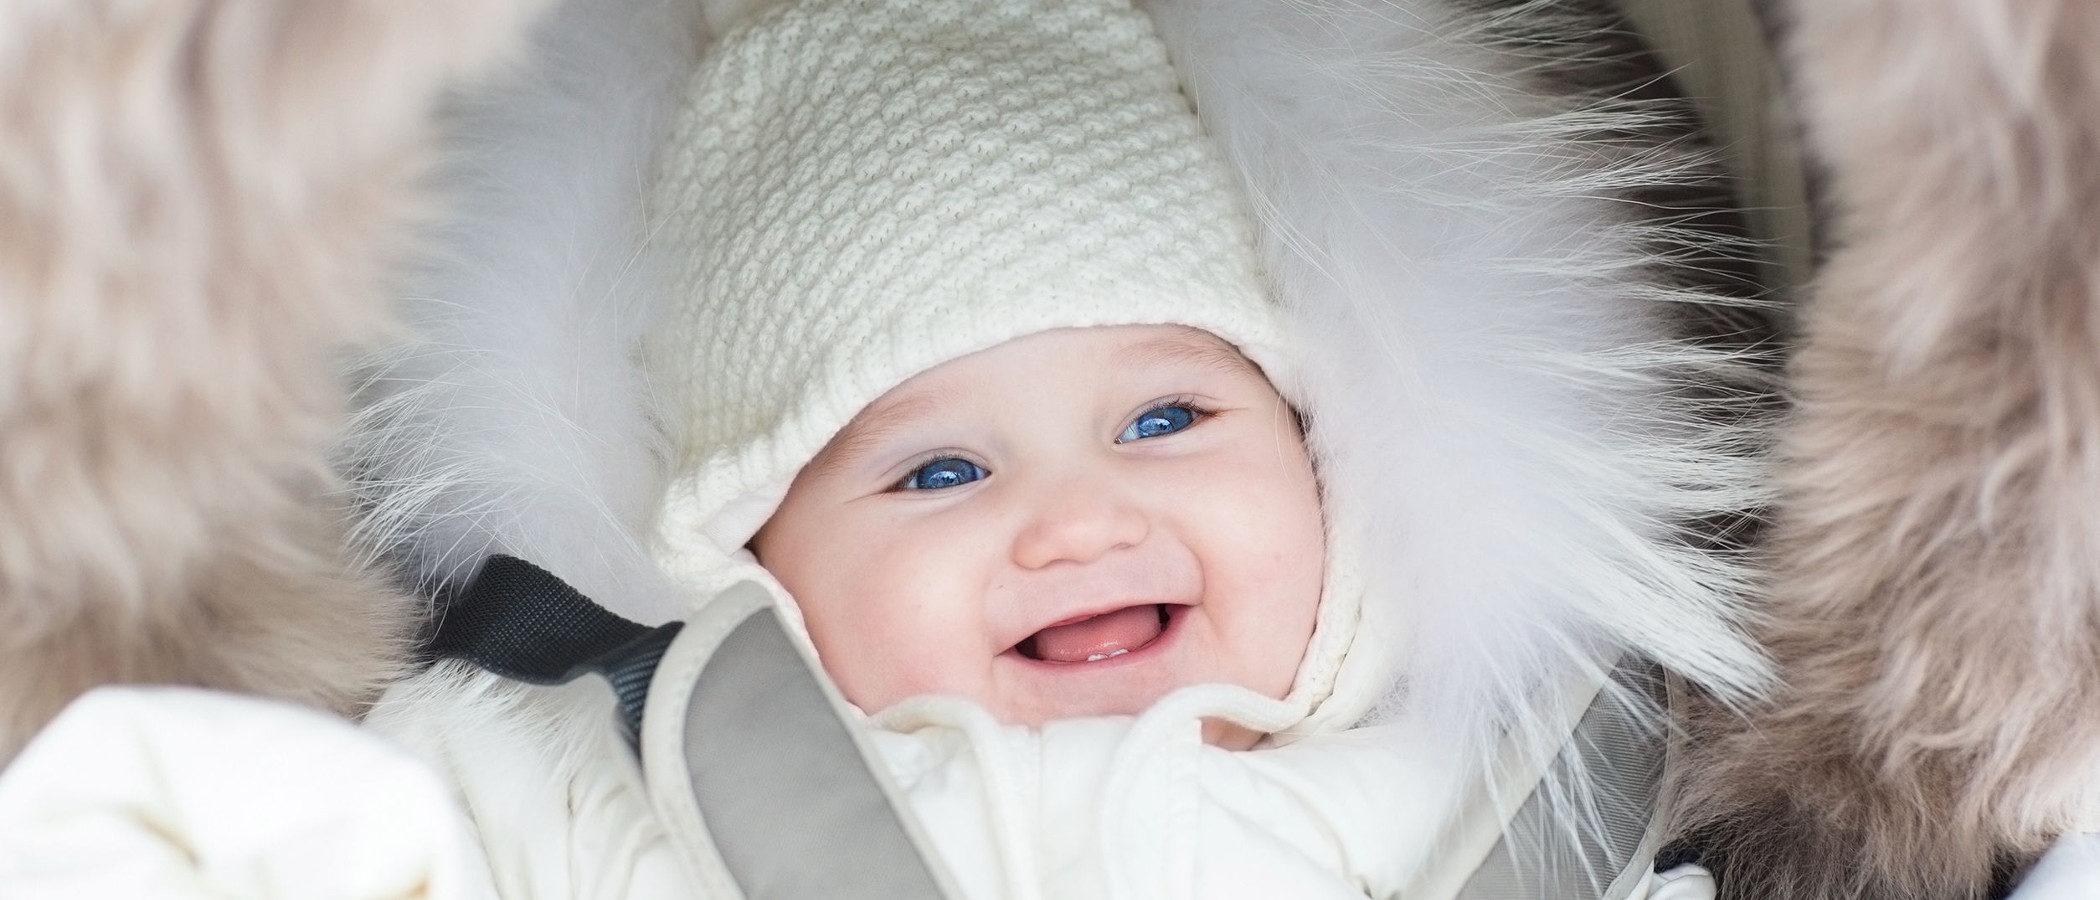 Cómo abrigar a un bebé correctamente